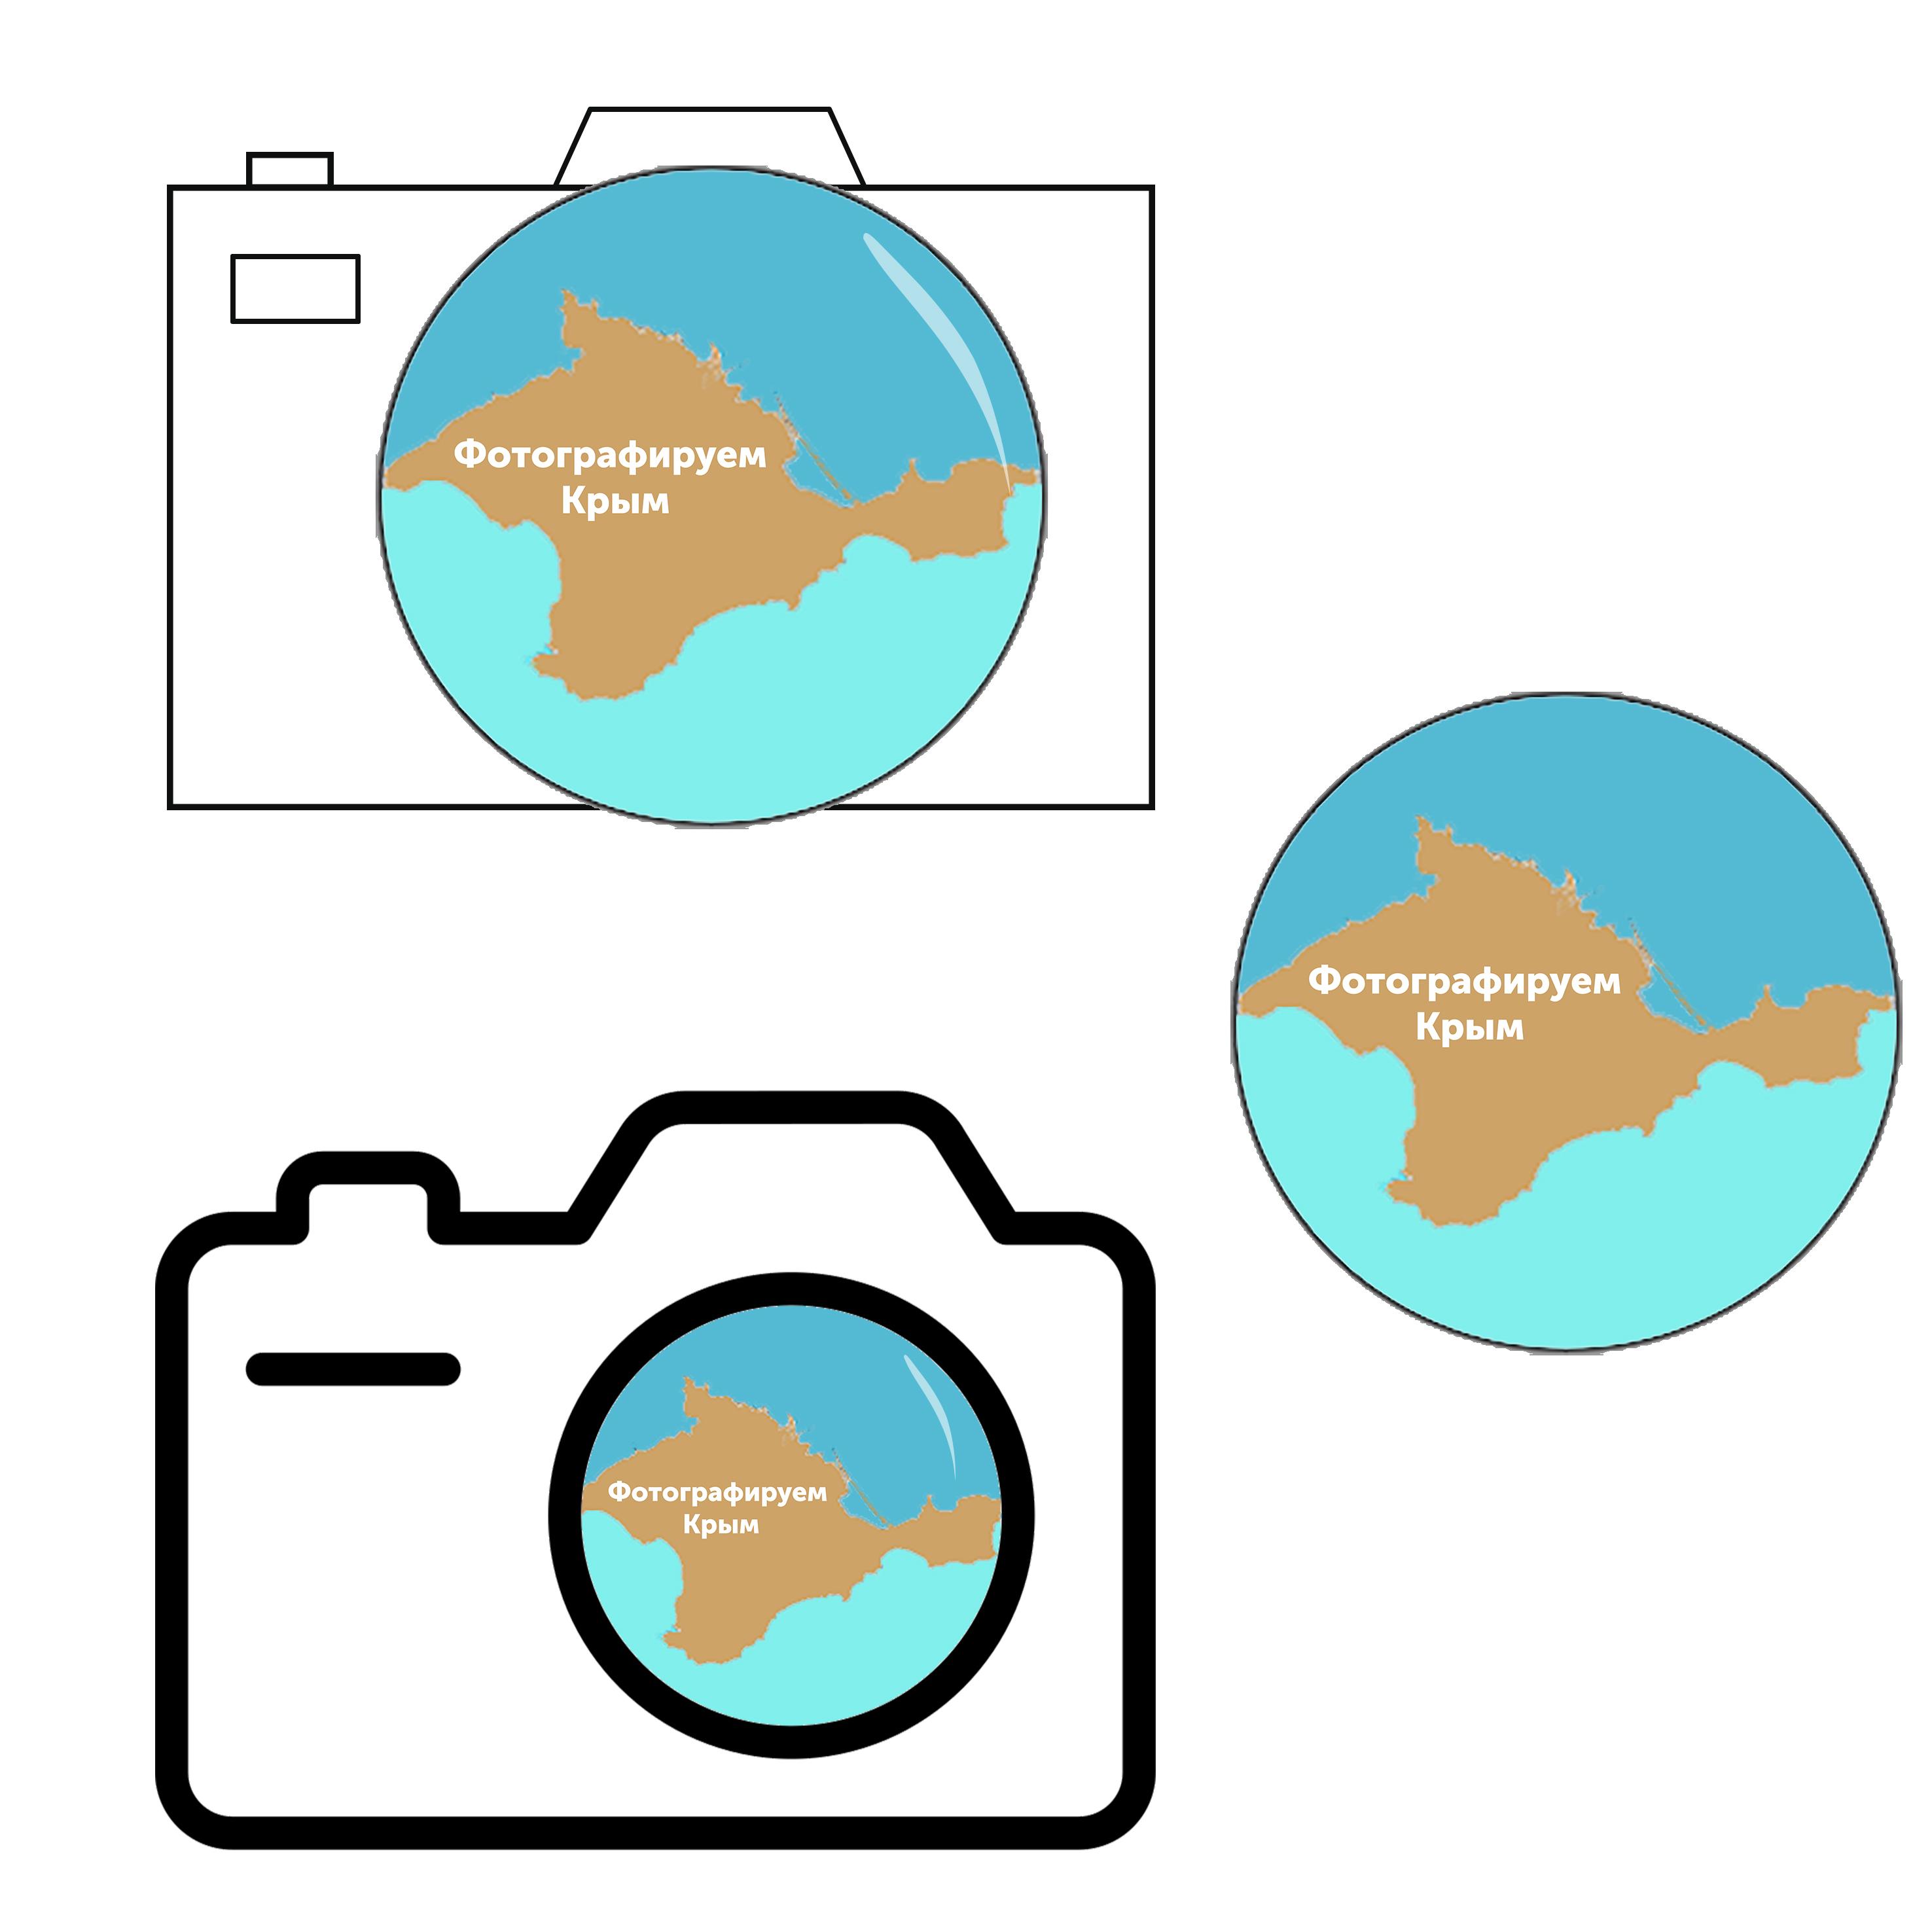 ЛОГОТИП + фирменный стиль фотоконкурса ФОТОГРАФИРУЕМ КРЫМ фото f_8785c064505e390b.jpg